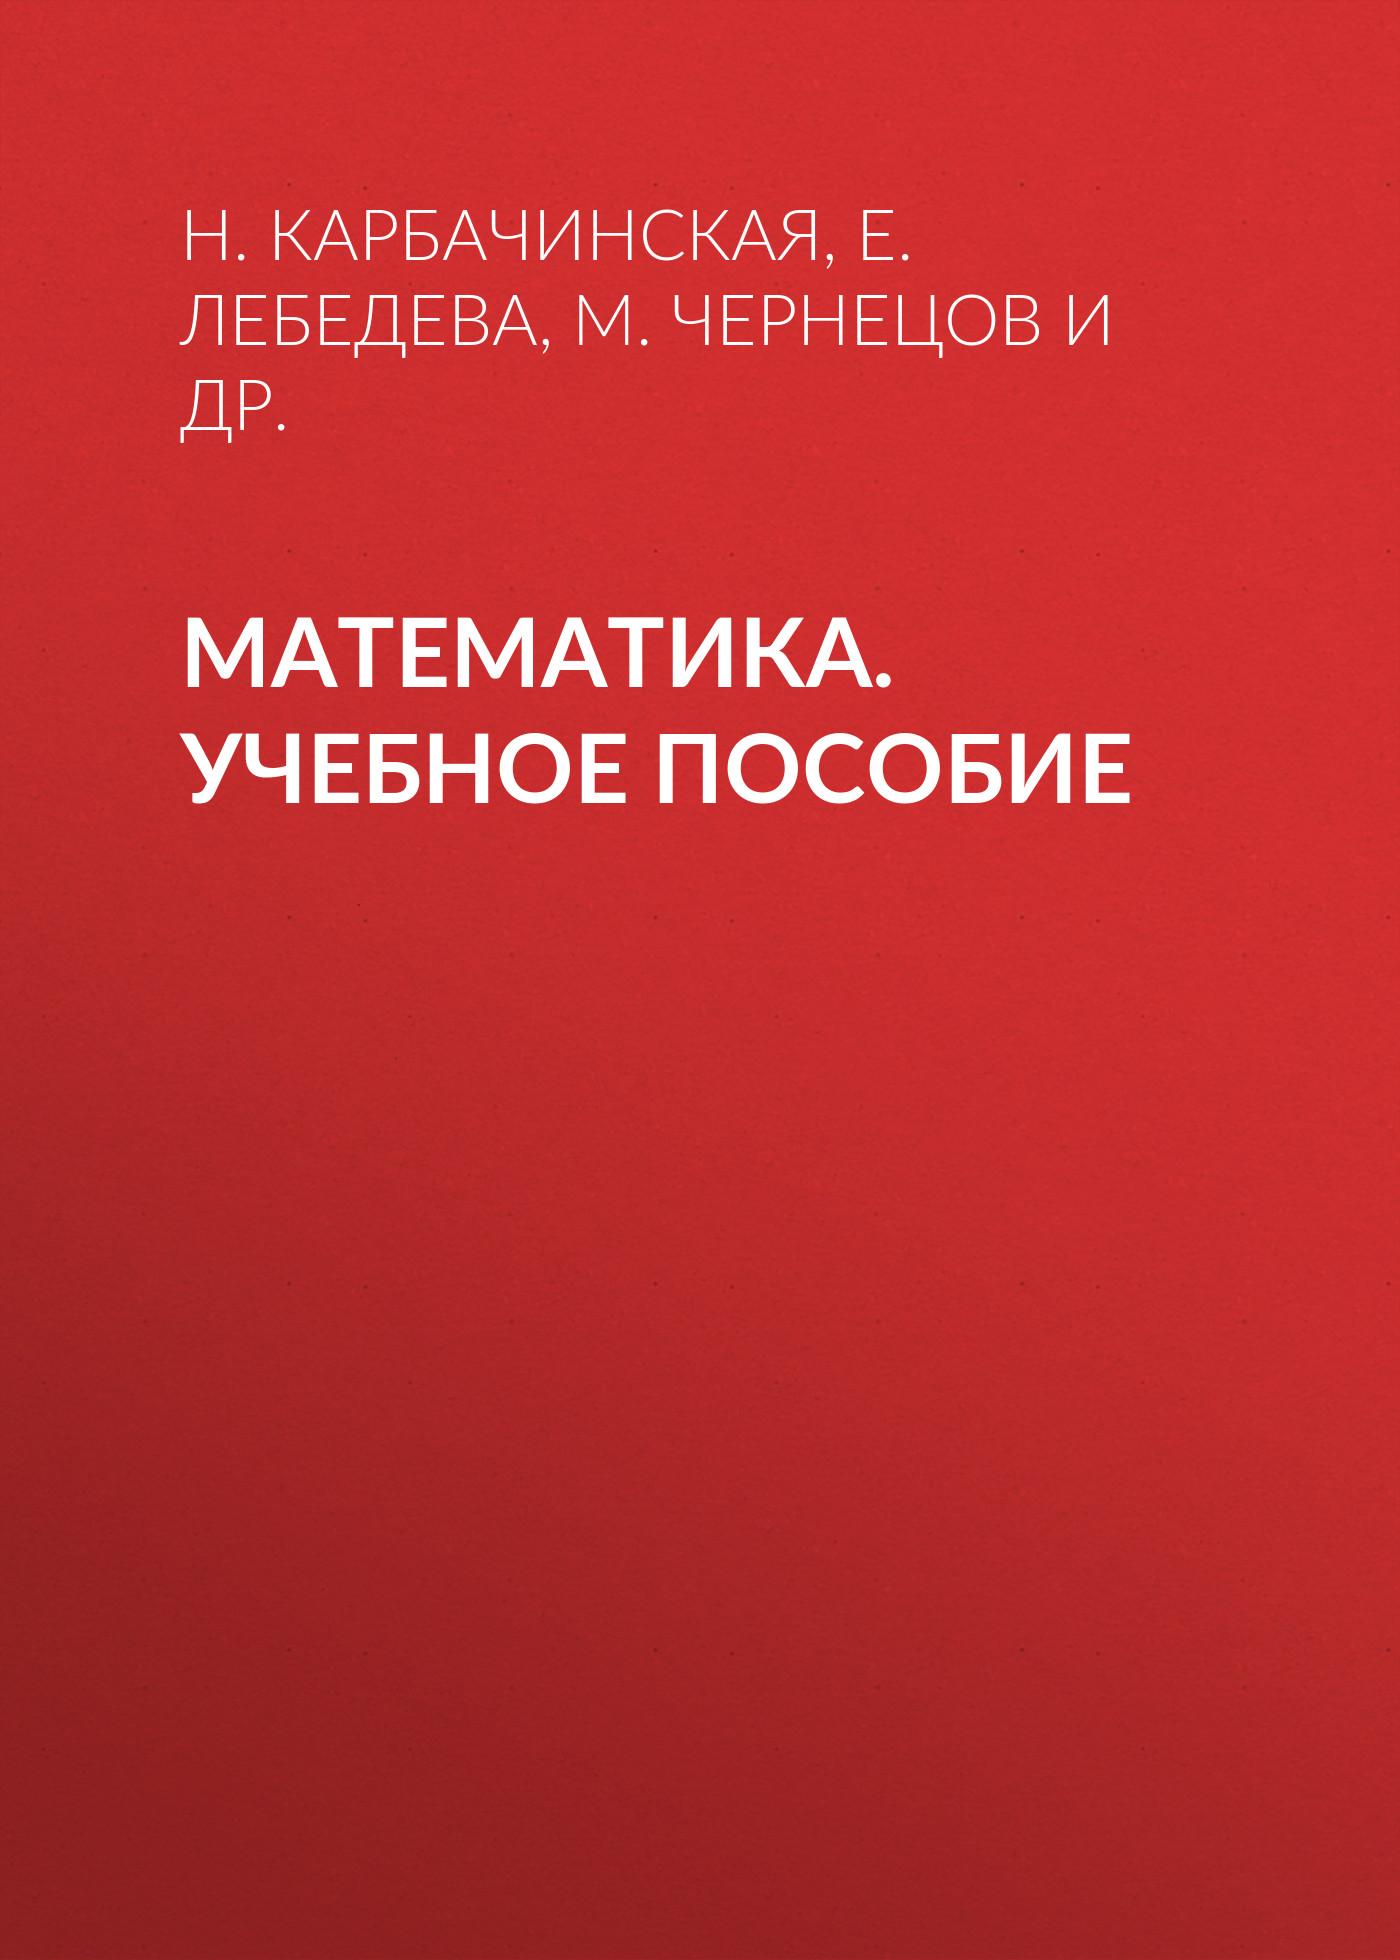 Е. Лебедева Математика. Учебное пособие а е захарова элементы теории вероятностей комбинаторики и статистики в основной школе